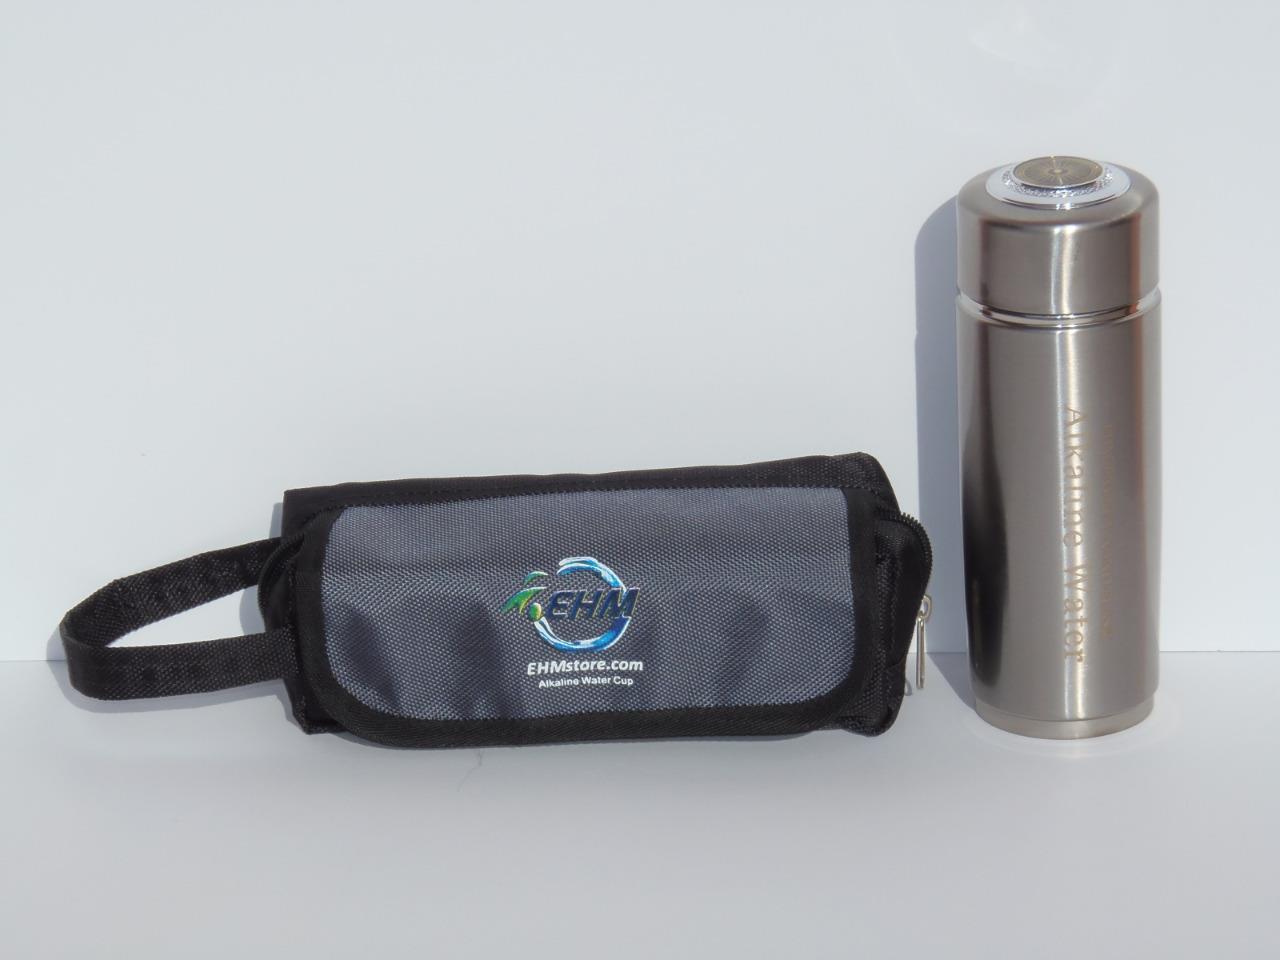 Bioexcel Energy Water Flask - Nano Cup